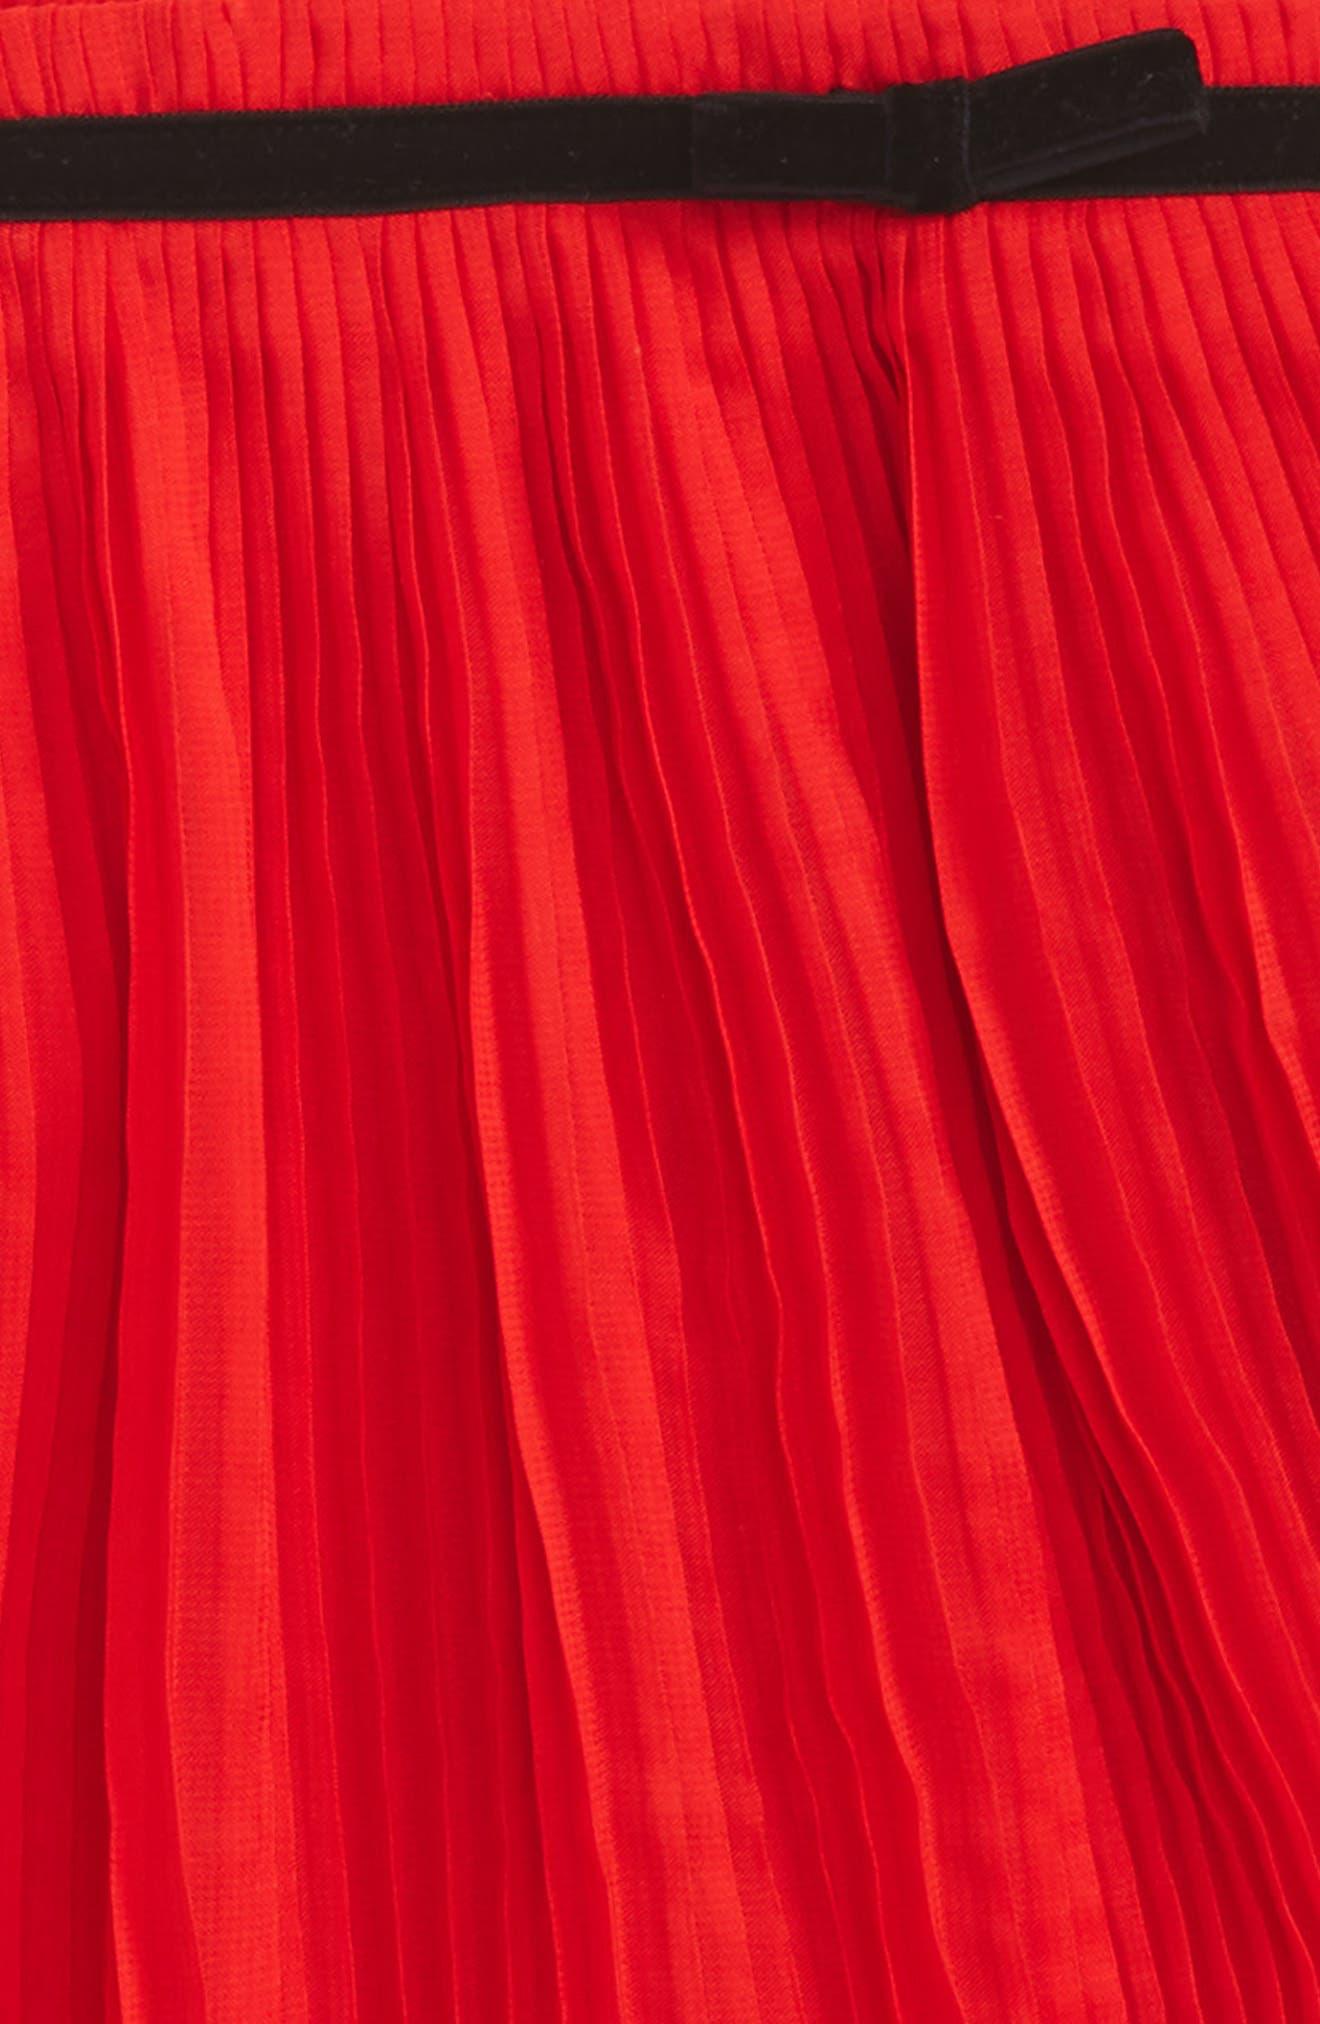 Alternate Image 2  - kate spade new york pleated chiffon skirt (Toddler Girls & Little Girls)